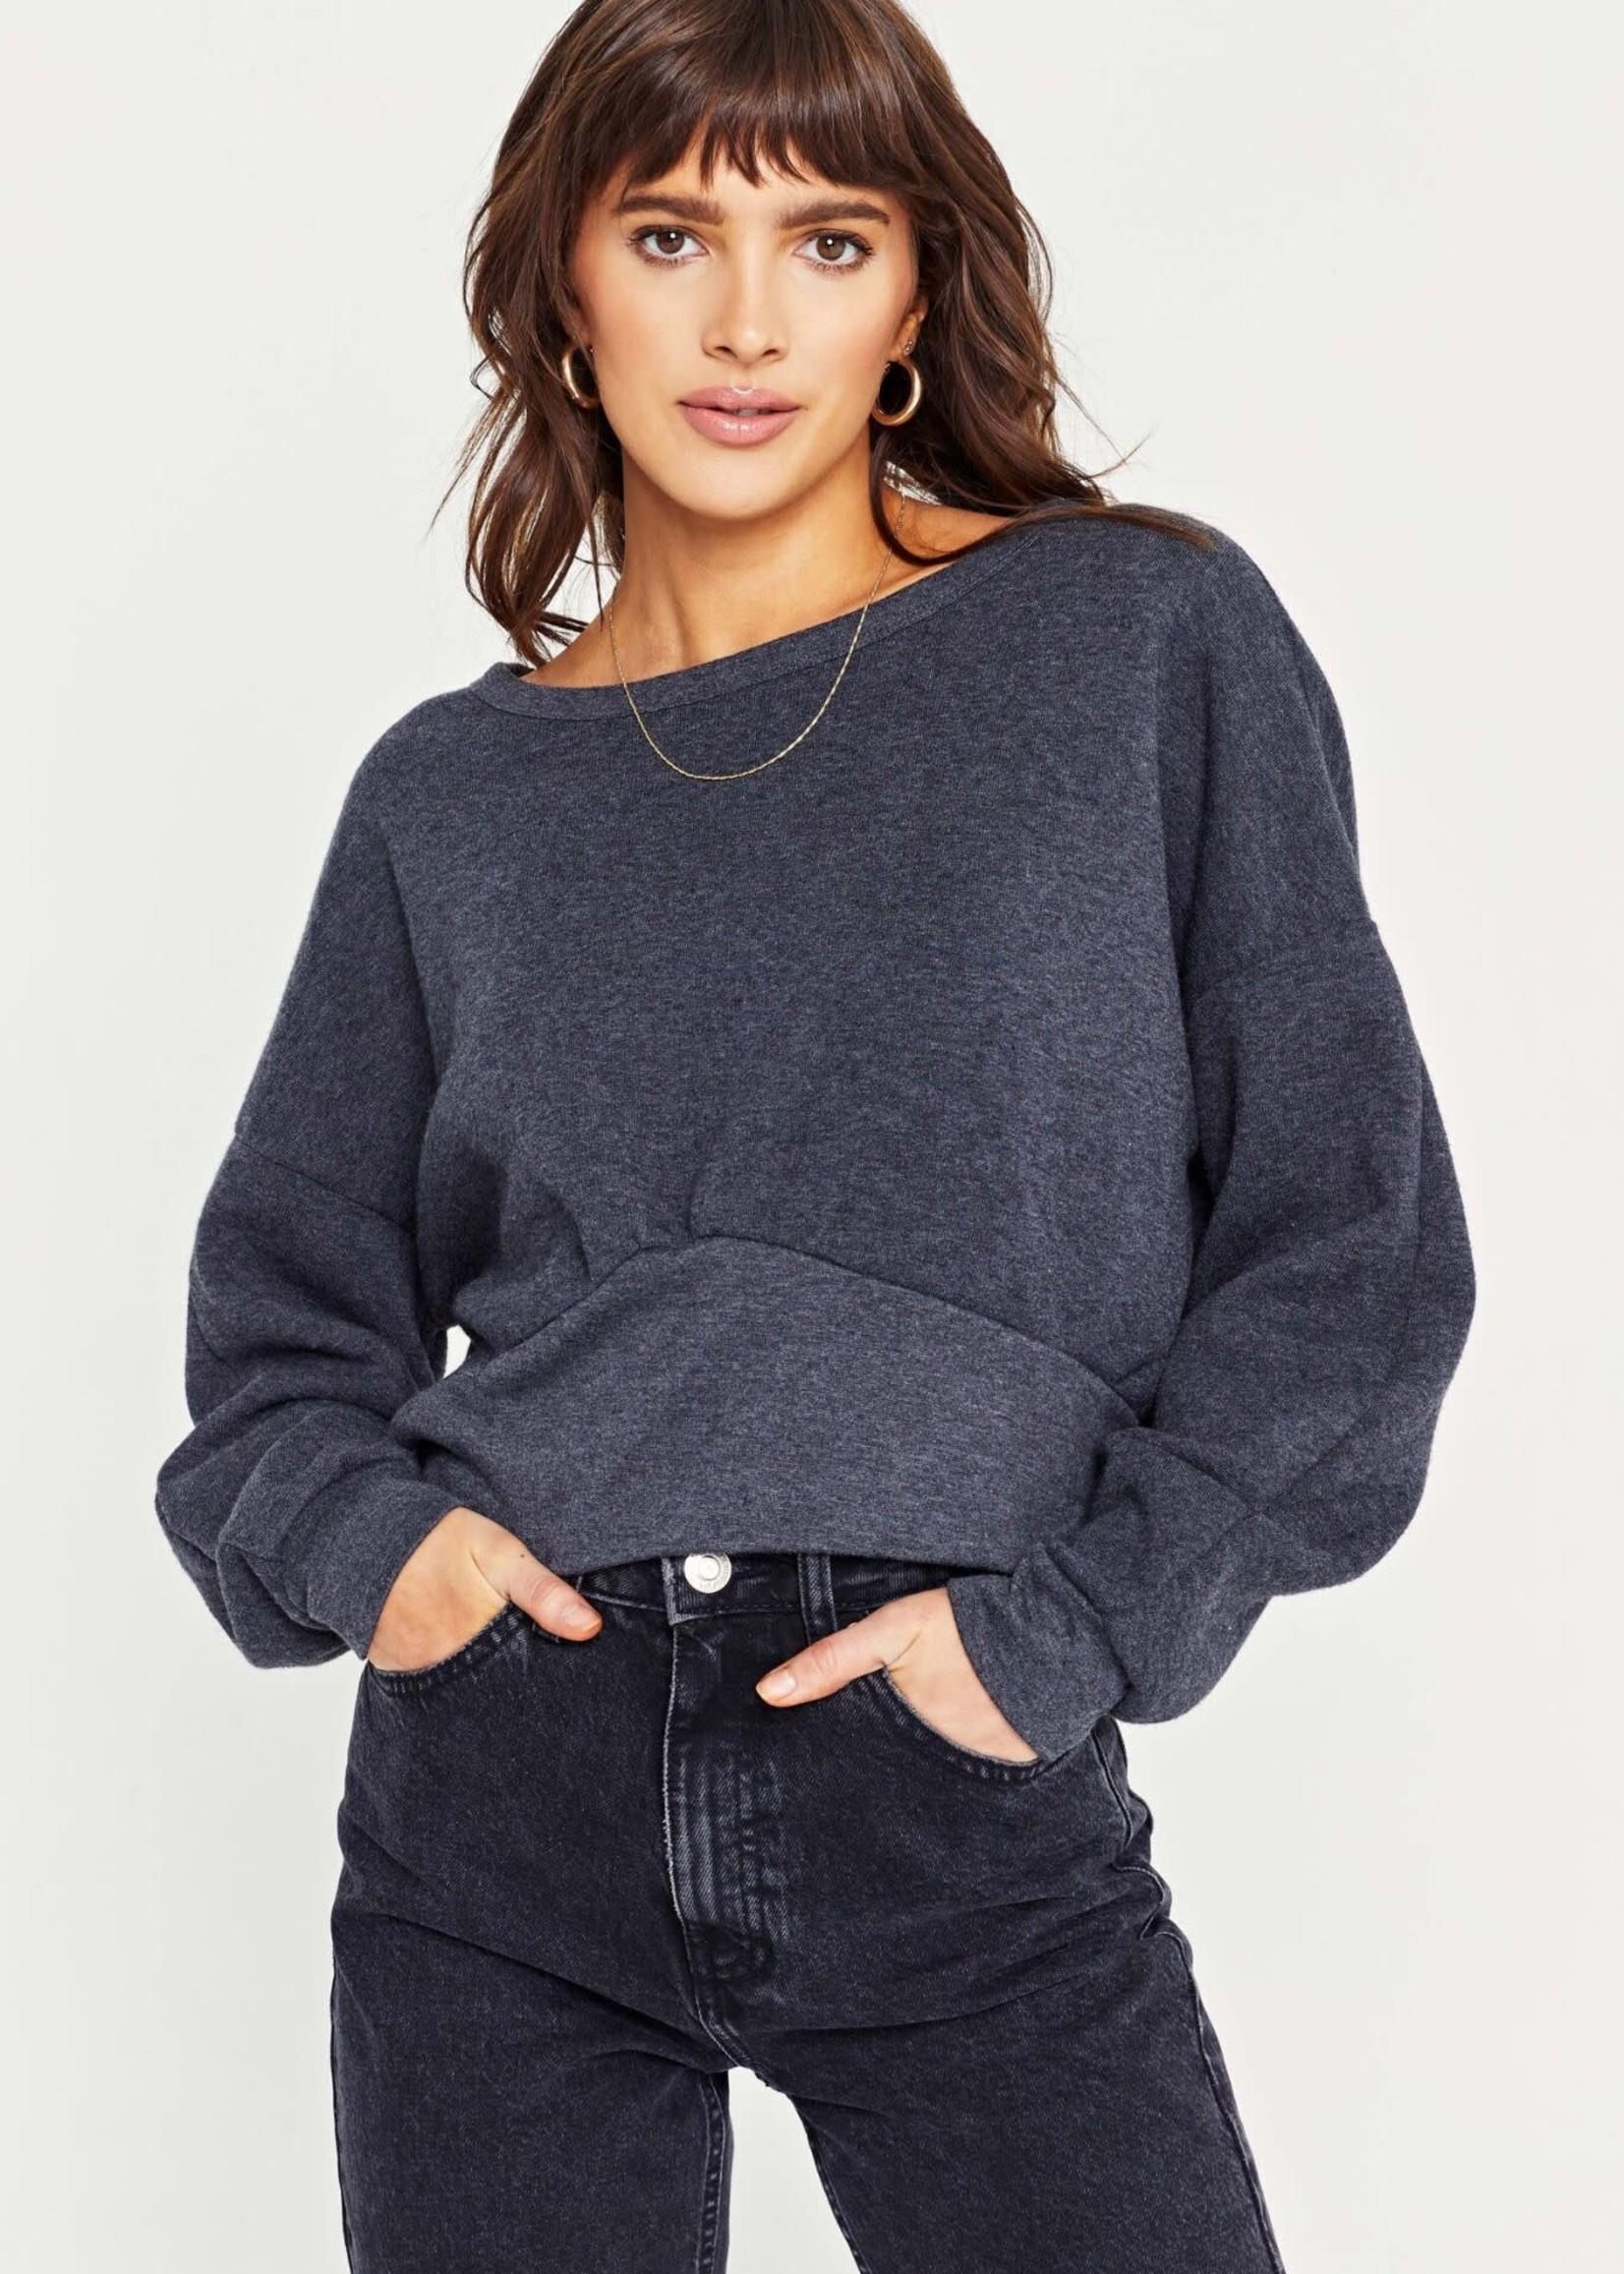 Shirred Boxy Sweater Charcoal